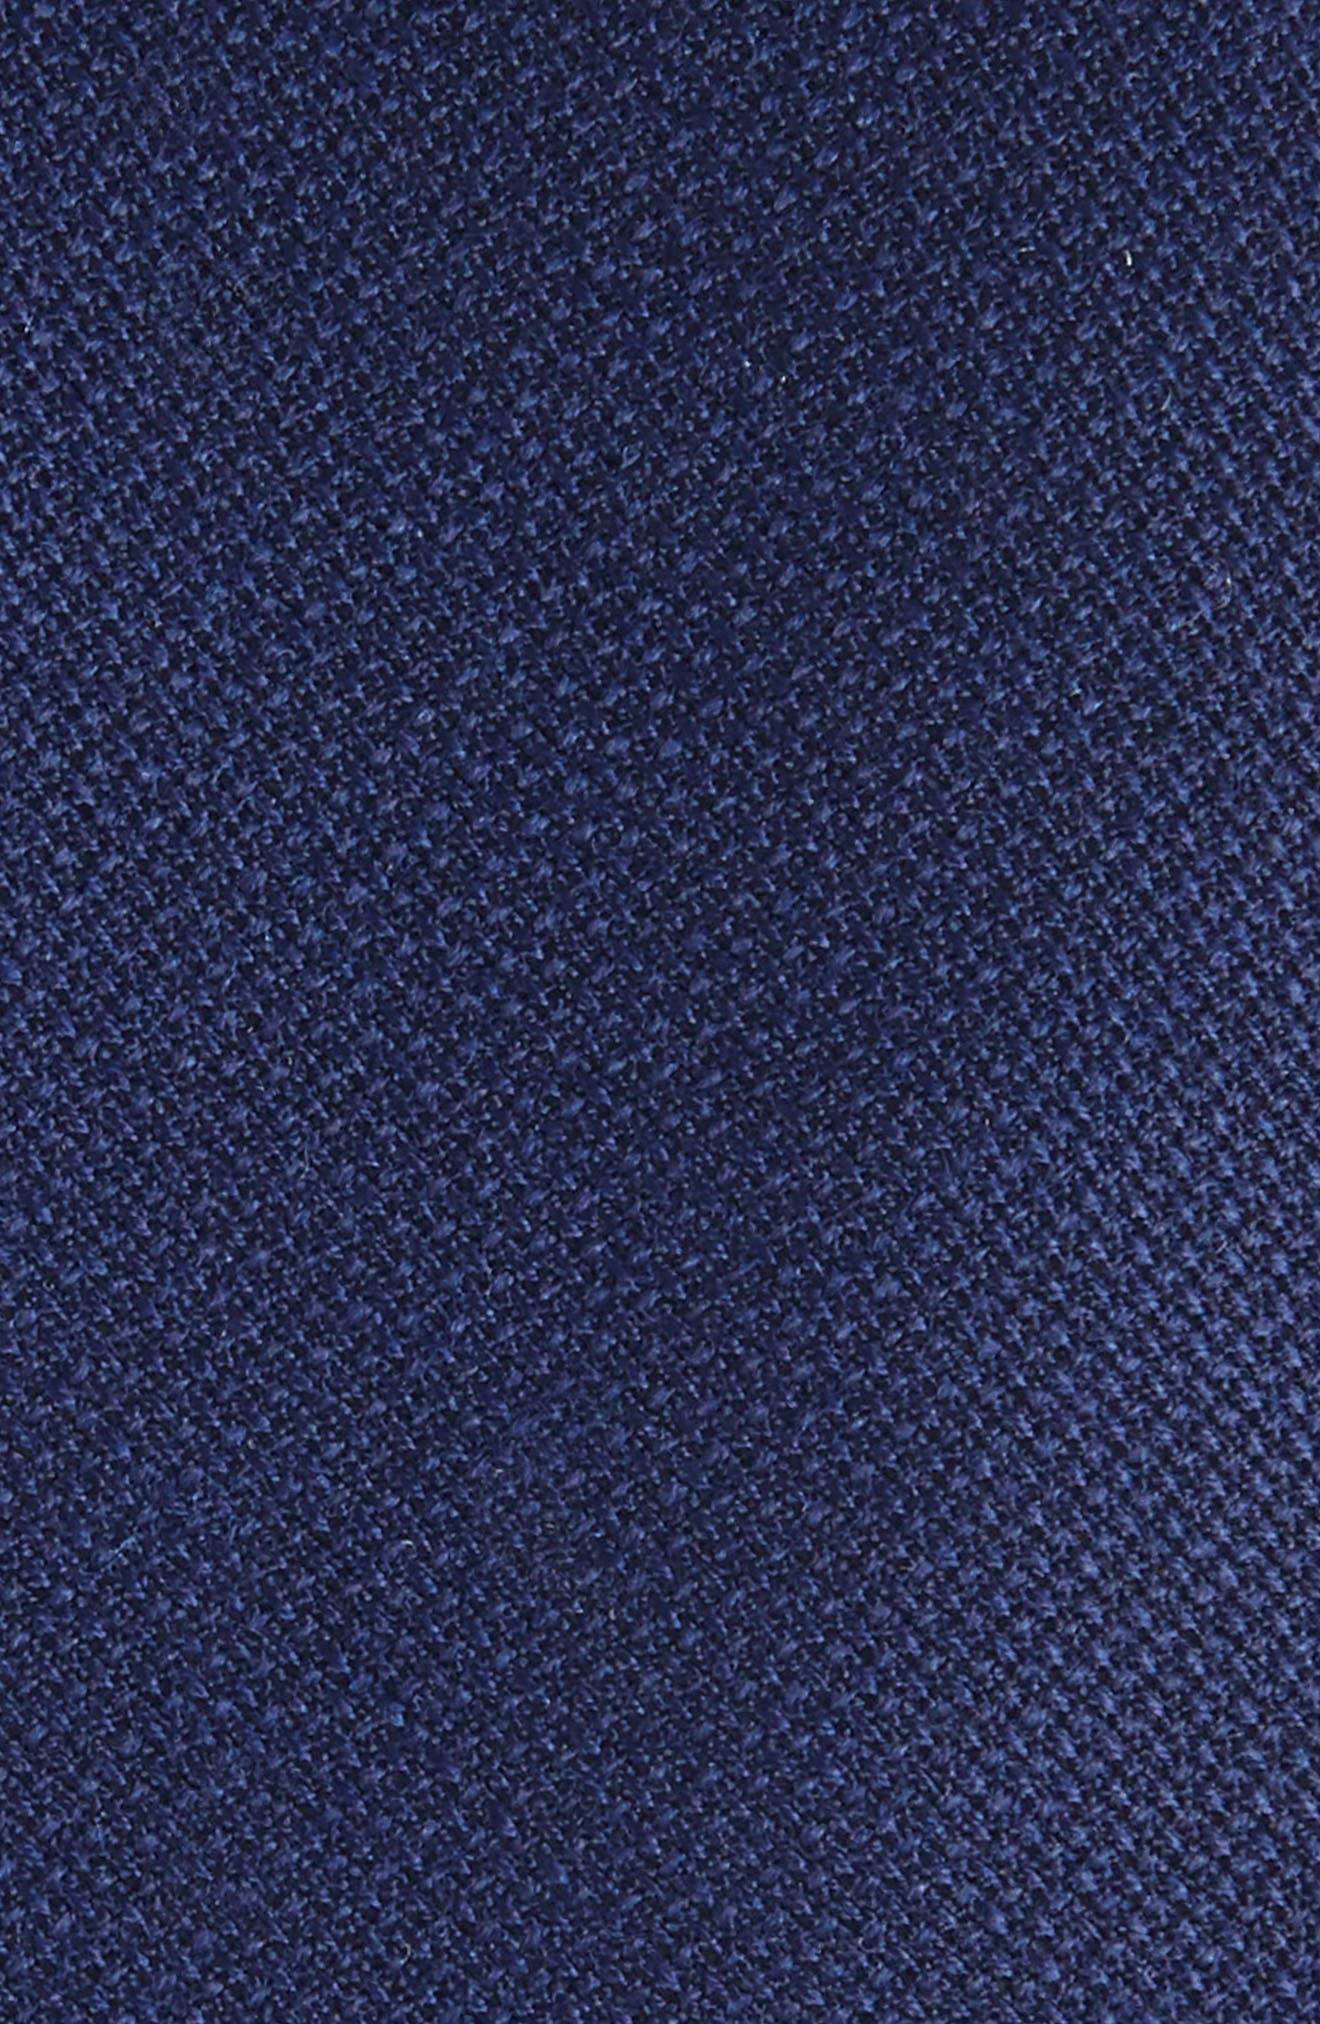 Marled Wool Skinny Tie,                             Alternate thumbnail 2, color,                             410